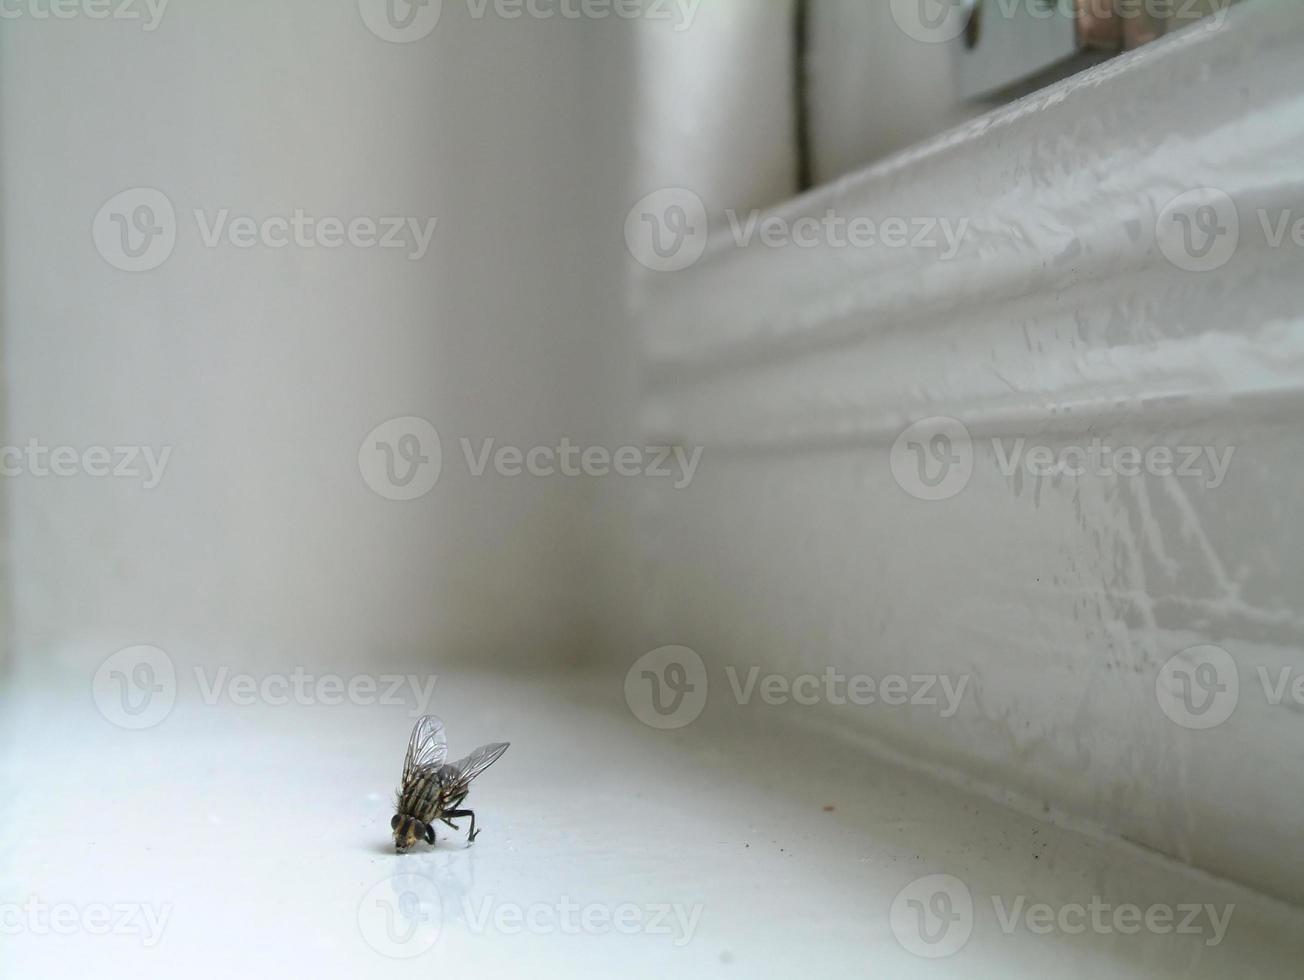 mosca doméstica morta foto